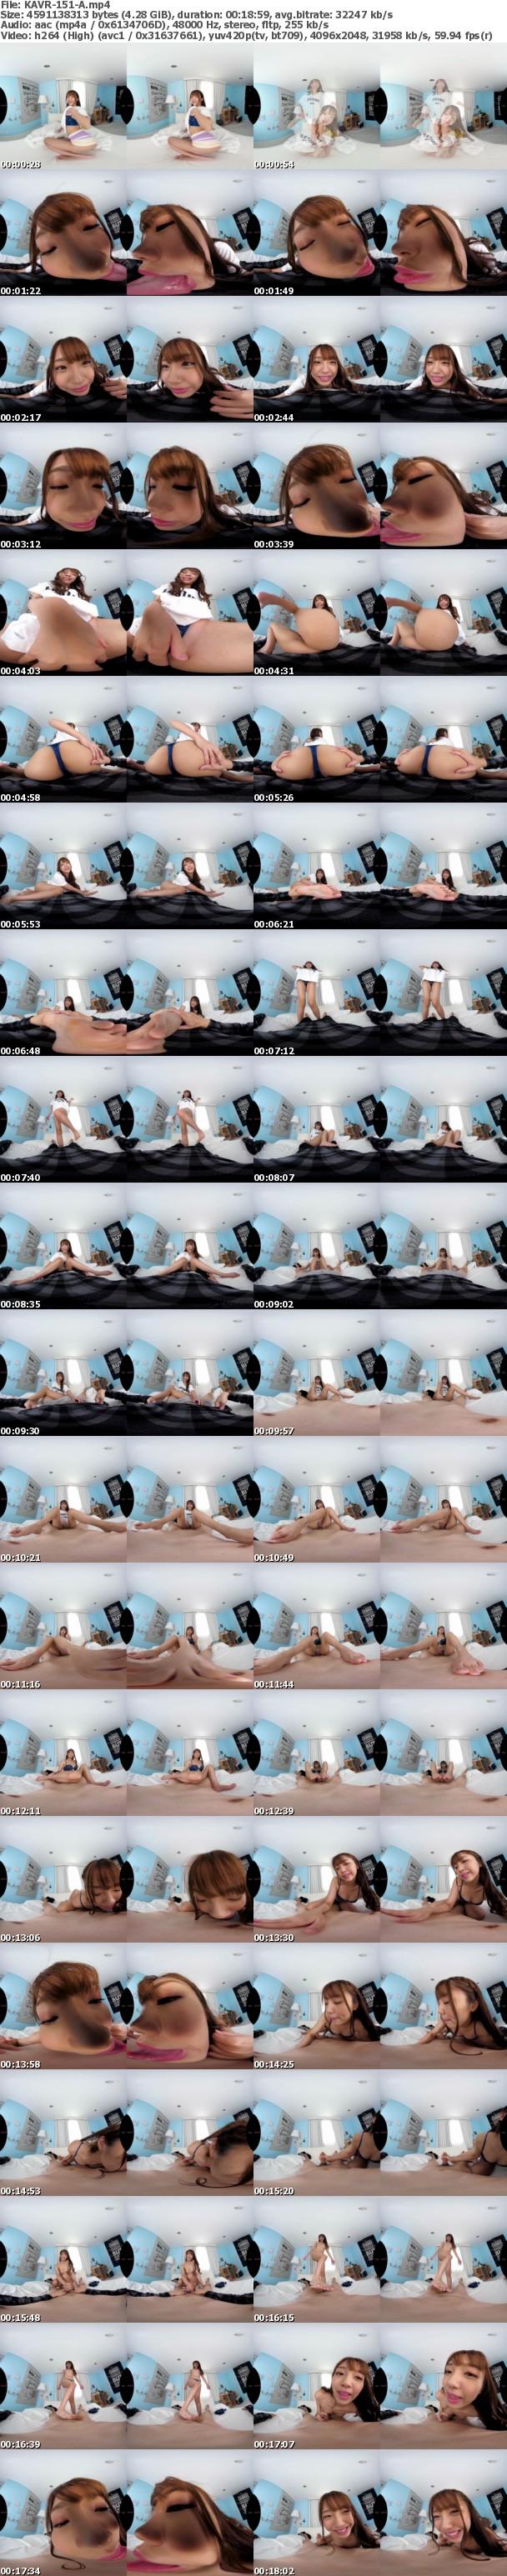 (VR) KAVR-151 僕の彼女は誰もが羨む大人気AV女優'木下ひまり' めちゃくちゃキス魔で甘えん坊で性欲も独占欲も強い…大好きな美脚とデカ尻でマウント取られて尻に敷かれまくりの超刺激的なイチャラブ同棲生活